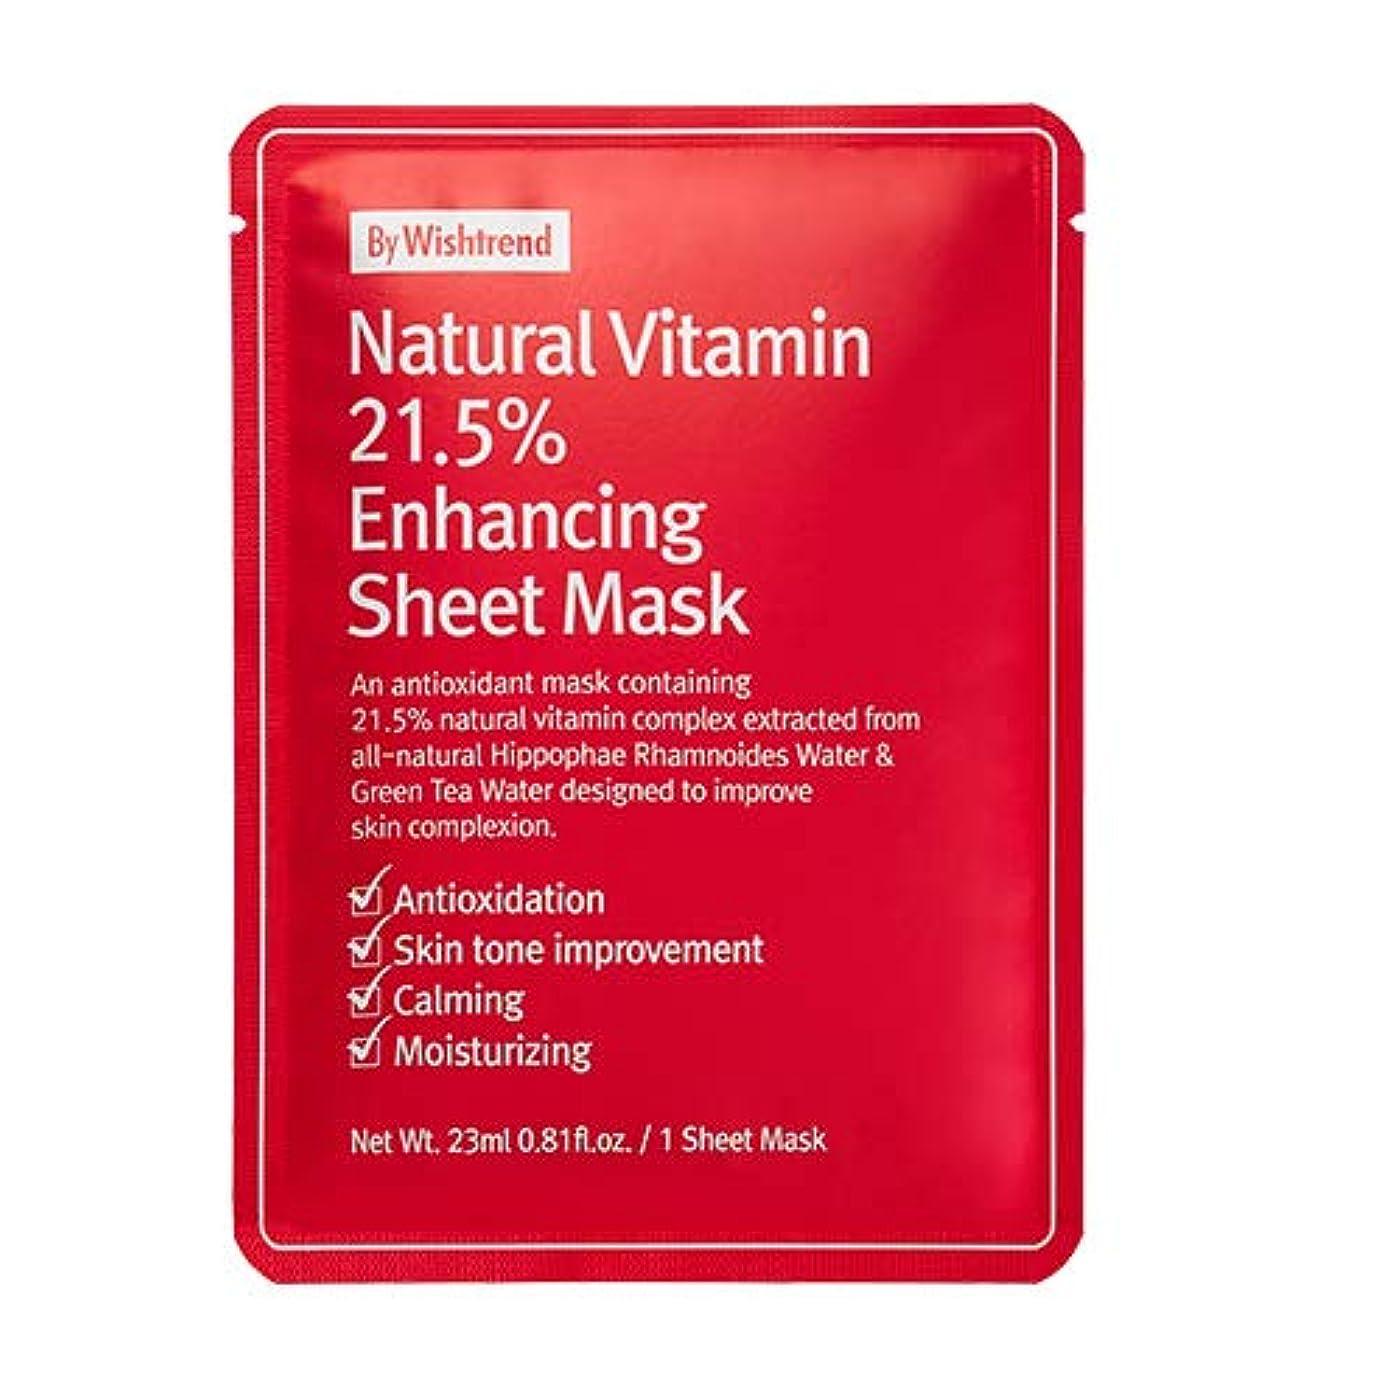 王朝転倒ライド[BY WISHTREND] ナチュラルビタミン21.5エンハンシング シートマスク 10シート, Natural Vitamin 21.5 Enhancing Mask 10 sheets [並行輸入品]